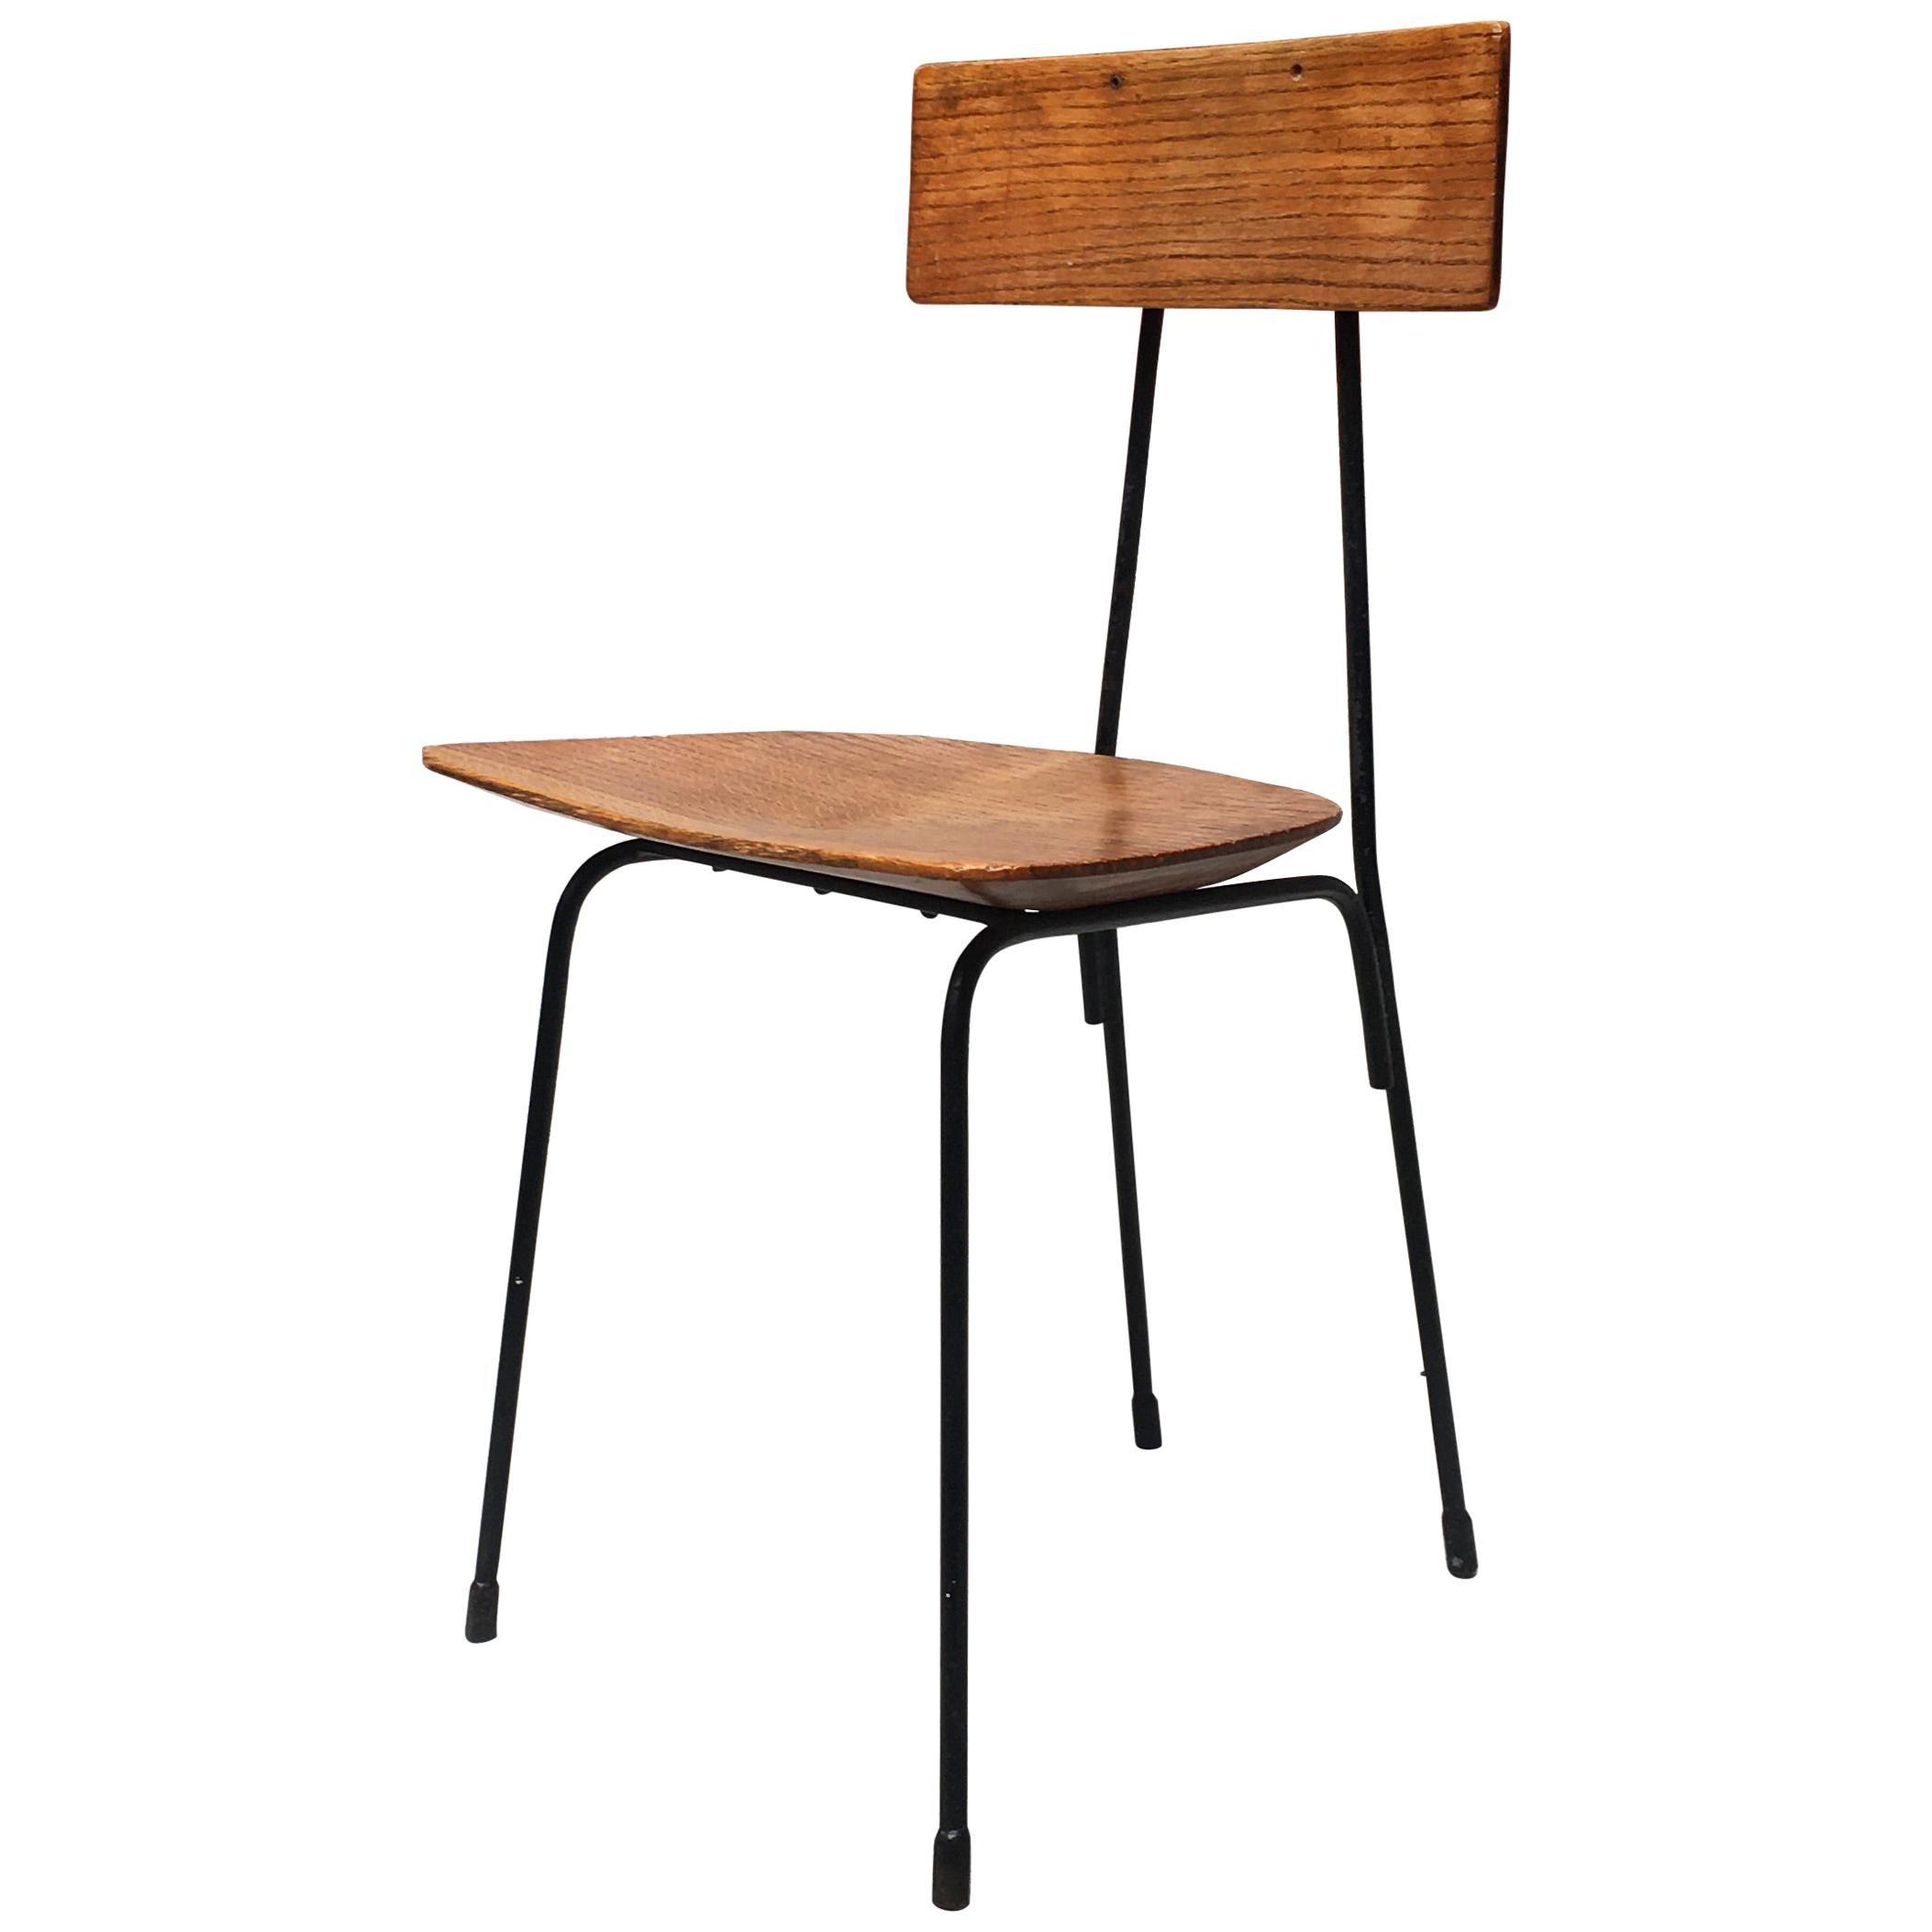 Italian Shaped Oak Chair, 1960s